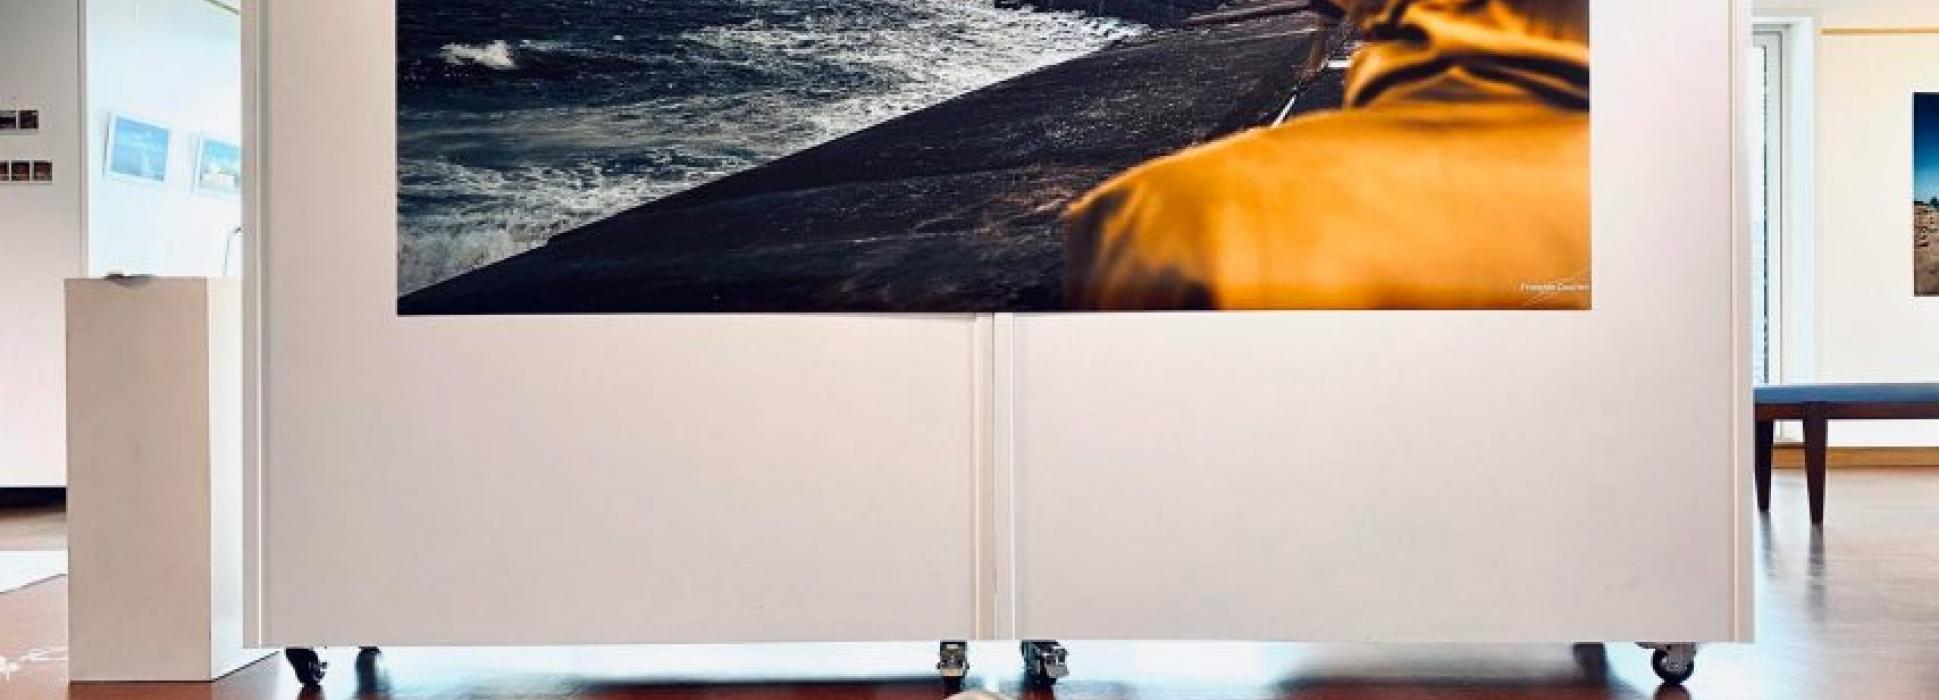 """La vídeo promocional sobre el Cotentin """"Único por Naturaleza"""" de François Dourlen hace mucho ruido en internet"""